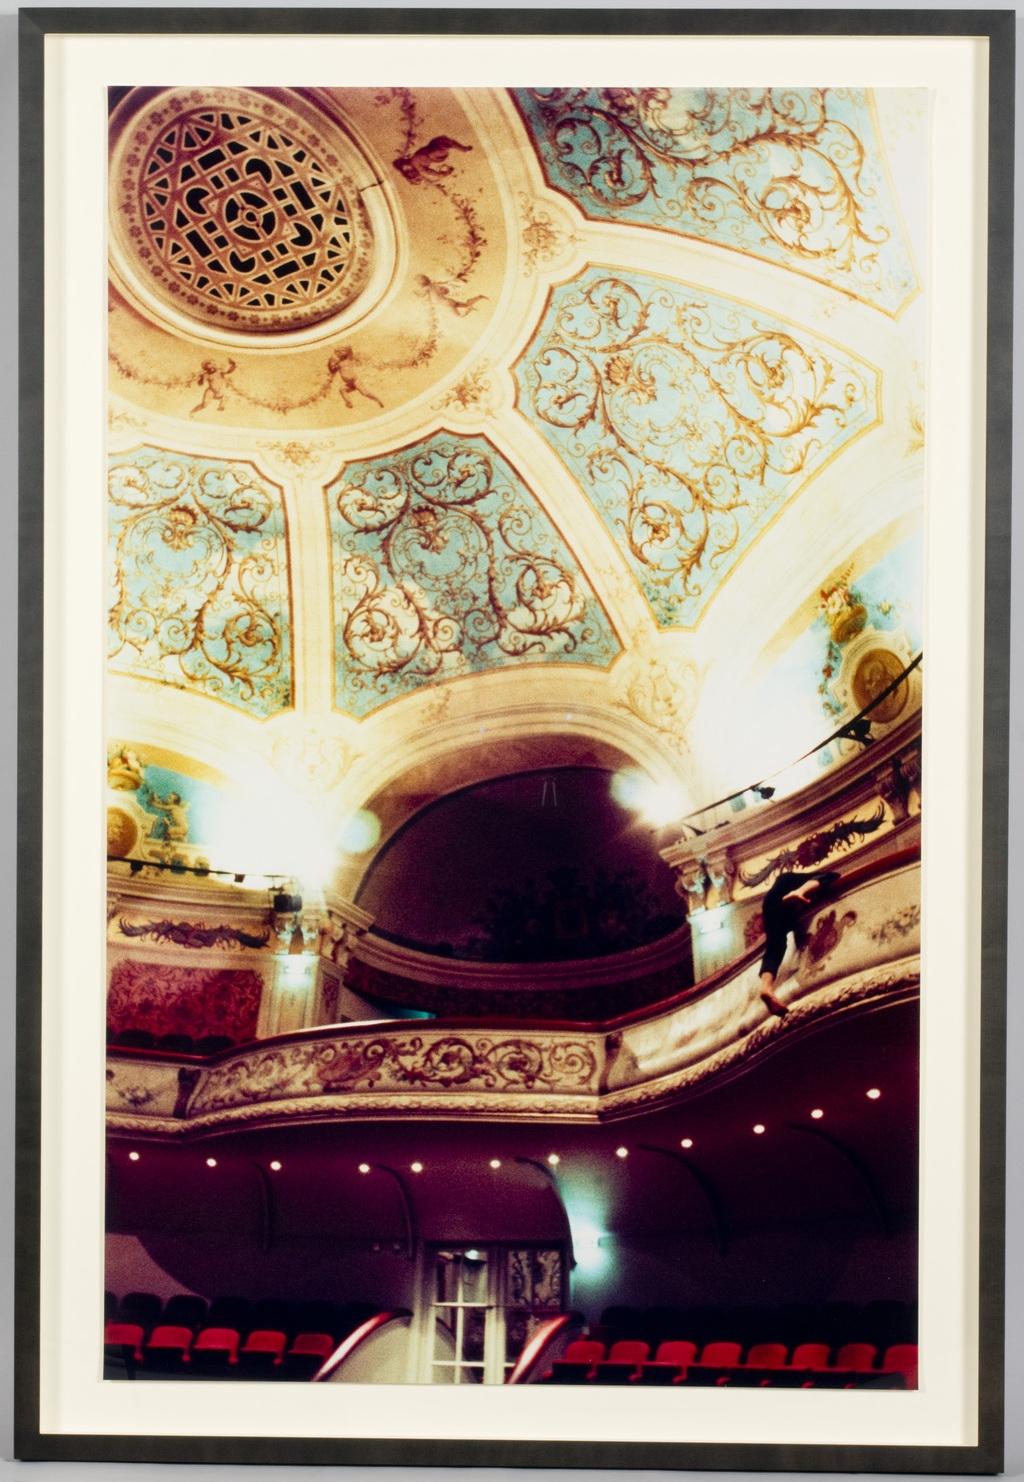 On ne sait jamais où tombent les bombes 1 (Théâtre d'Arras)